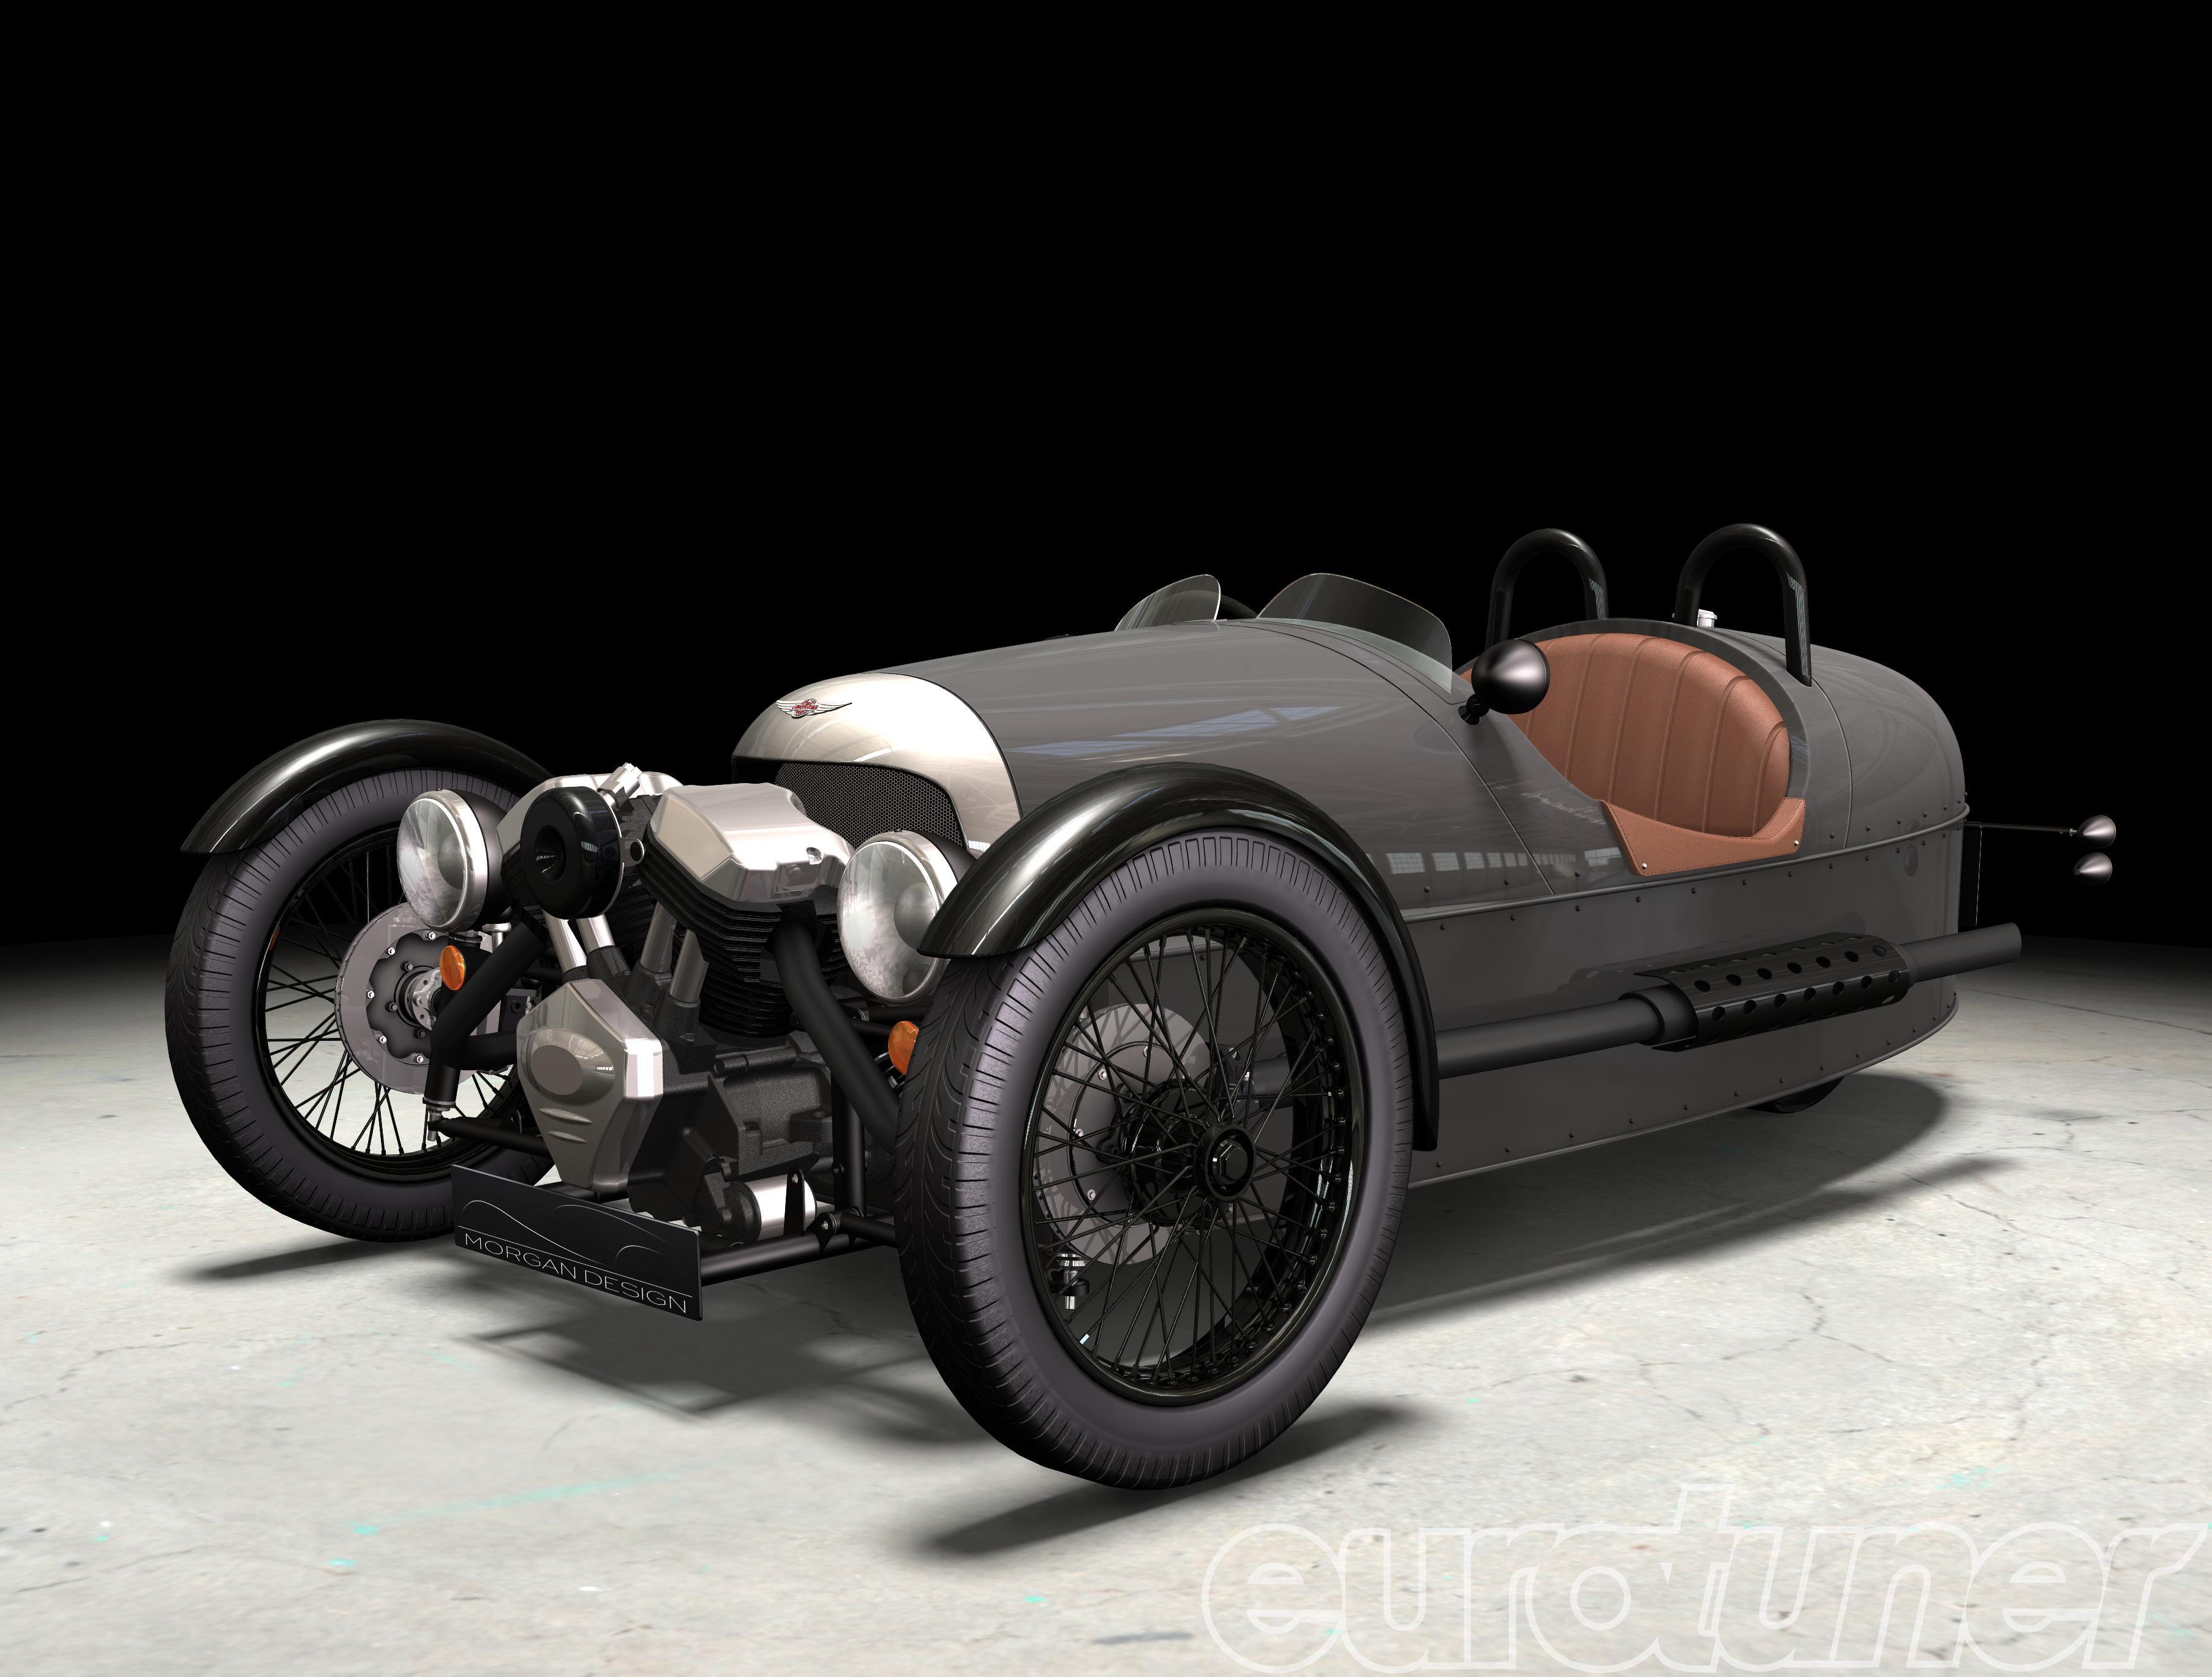 Morgan 3 Wheeler 2011 - now Roadster #3